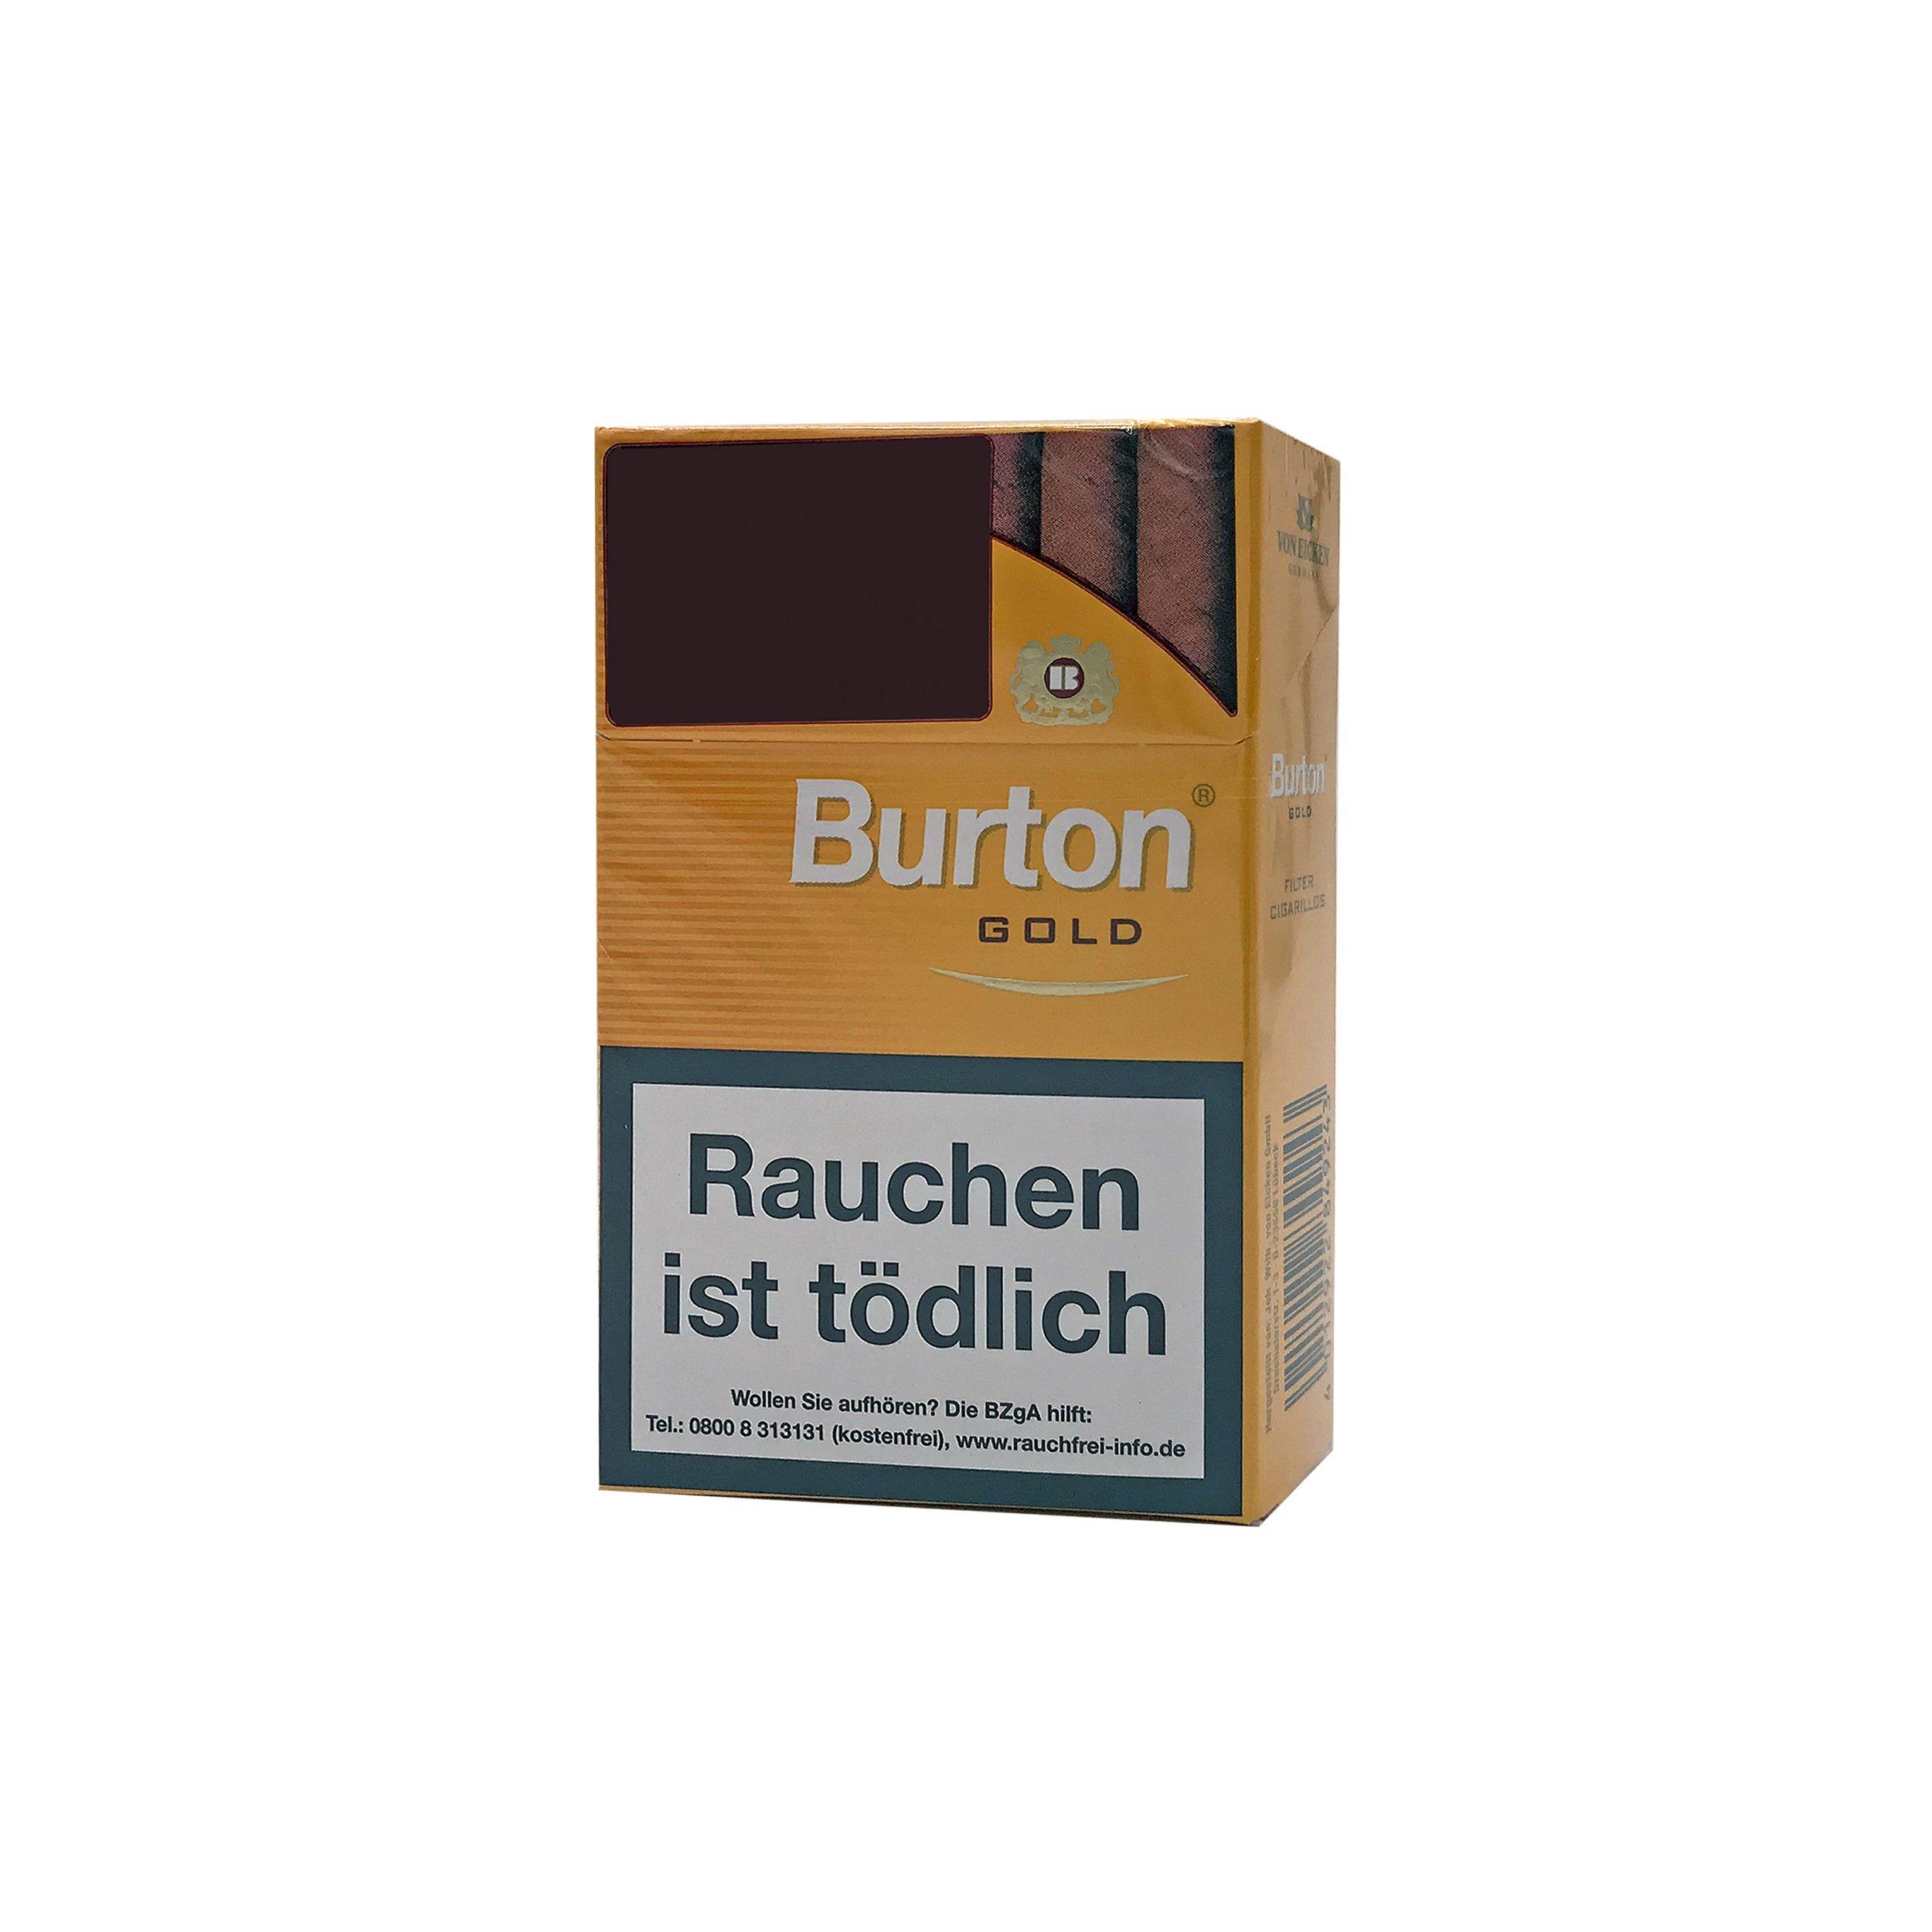 1 Stange Burton Gold Filter Zigarillos 10 Schachteln à 17 Stück